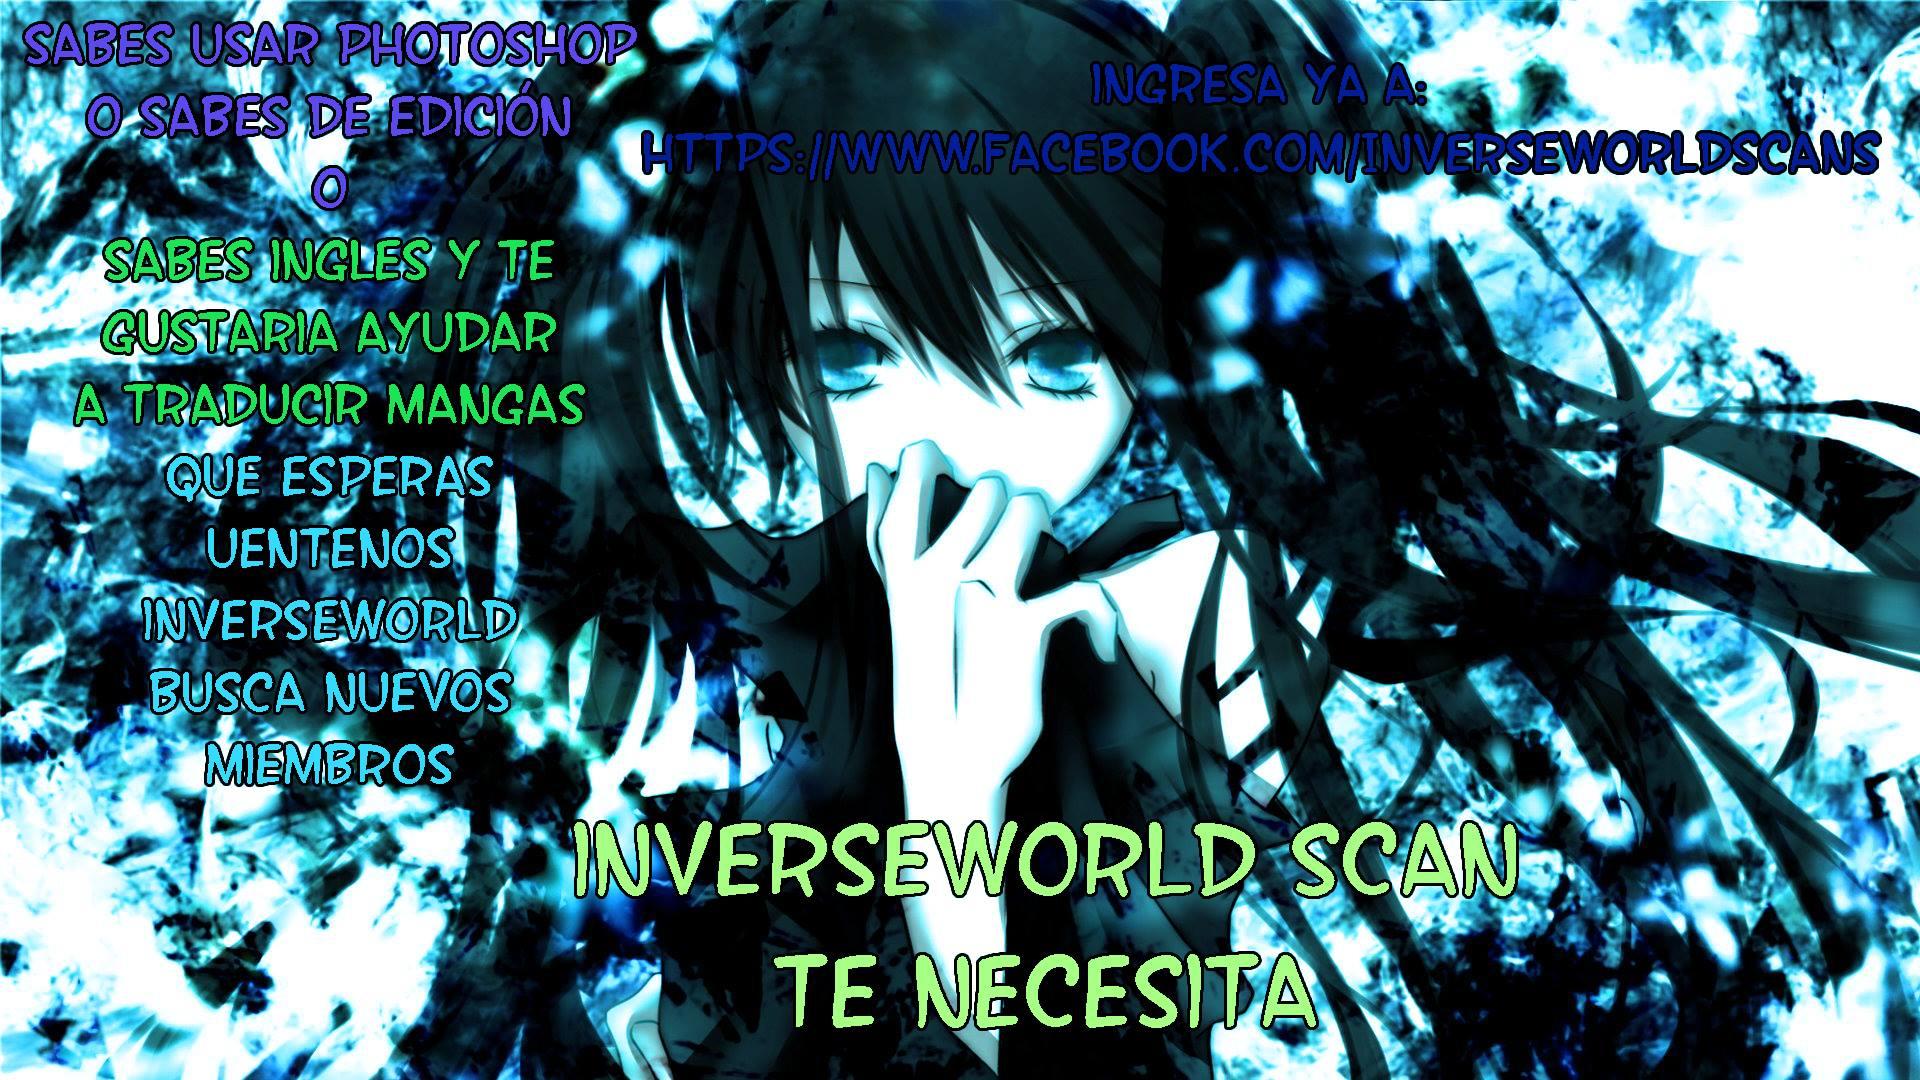 https://c5.mangatag.com/es_manga/18/16210/415302/92664de43e5721bc5c0cfd1c31f08f30.jpg Page 1